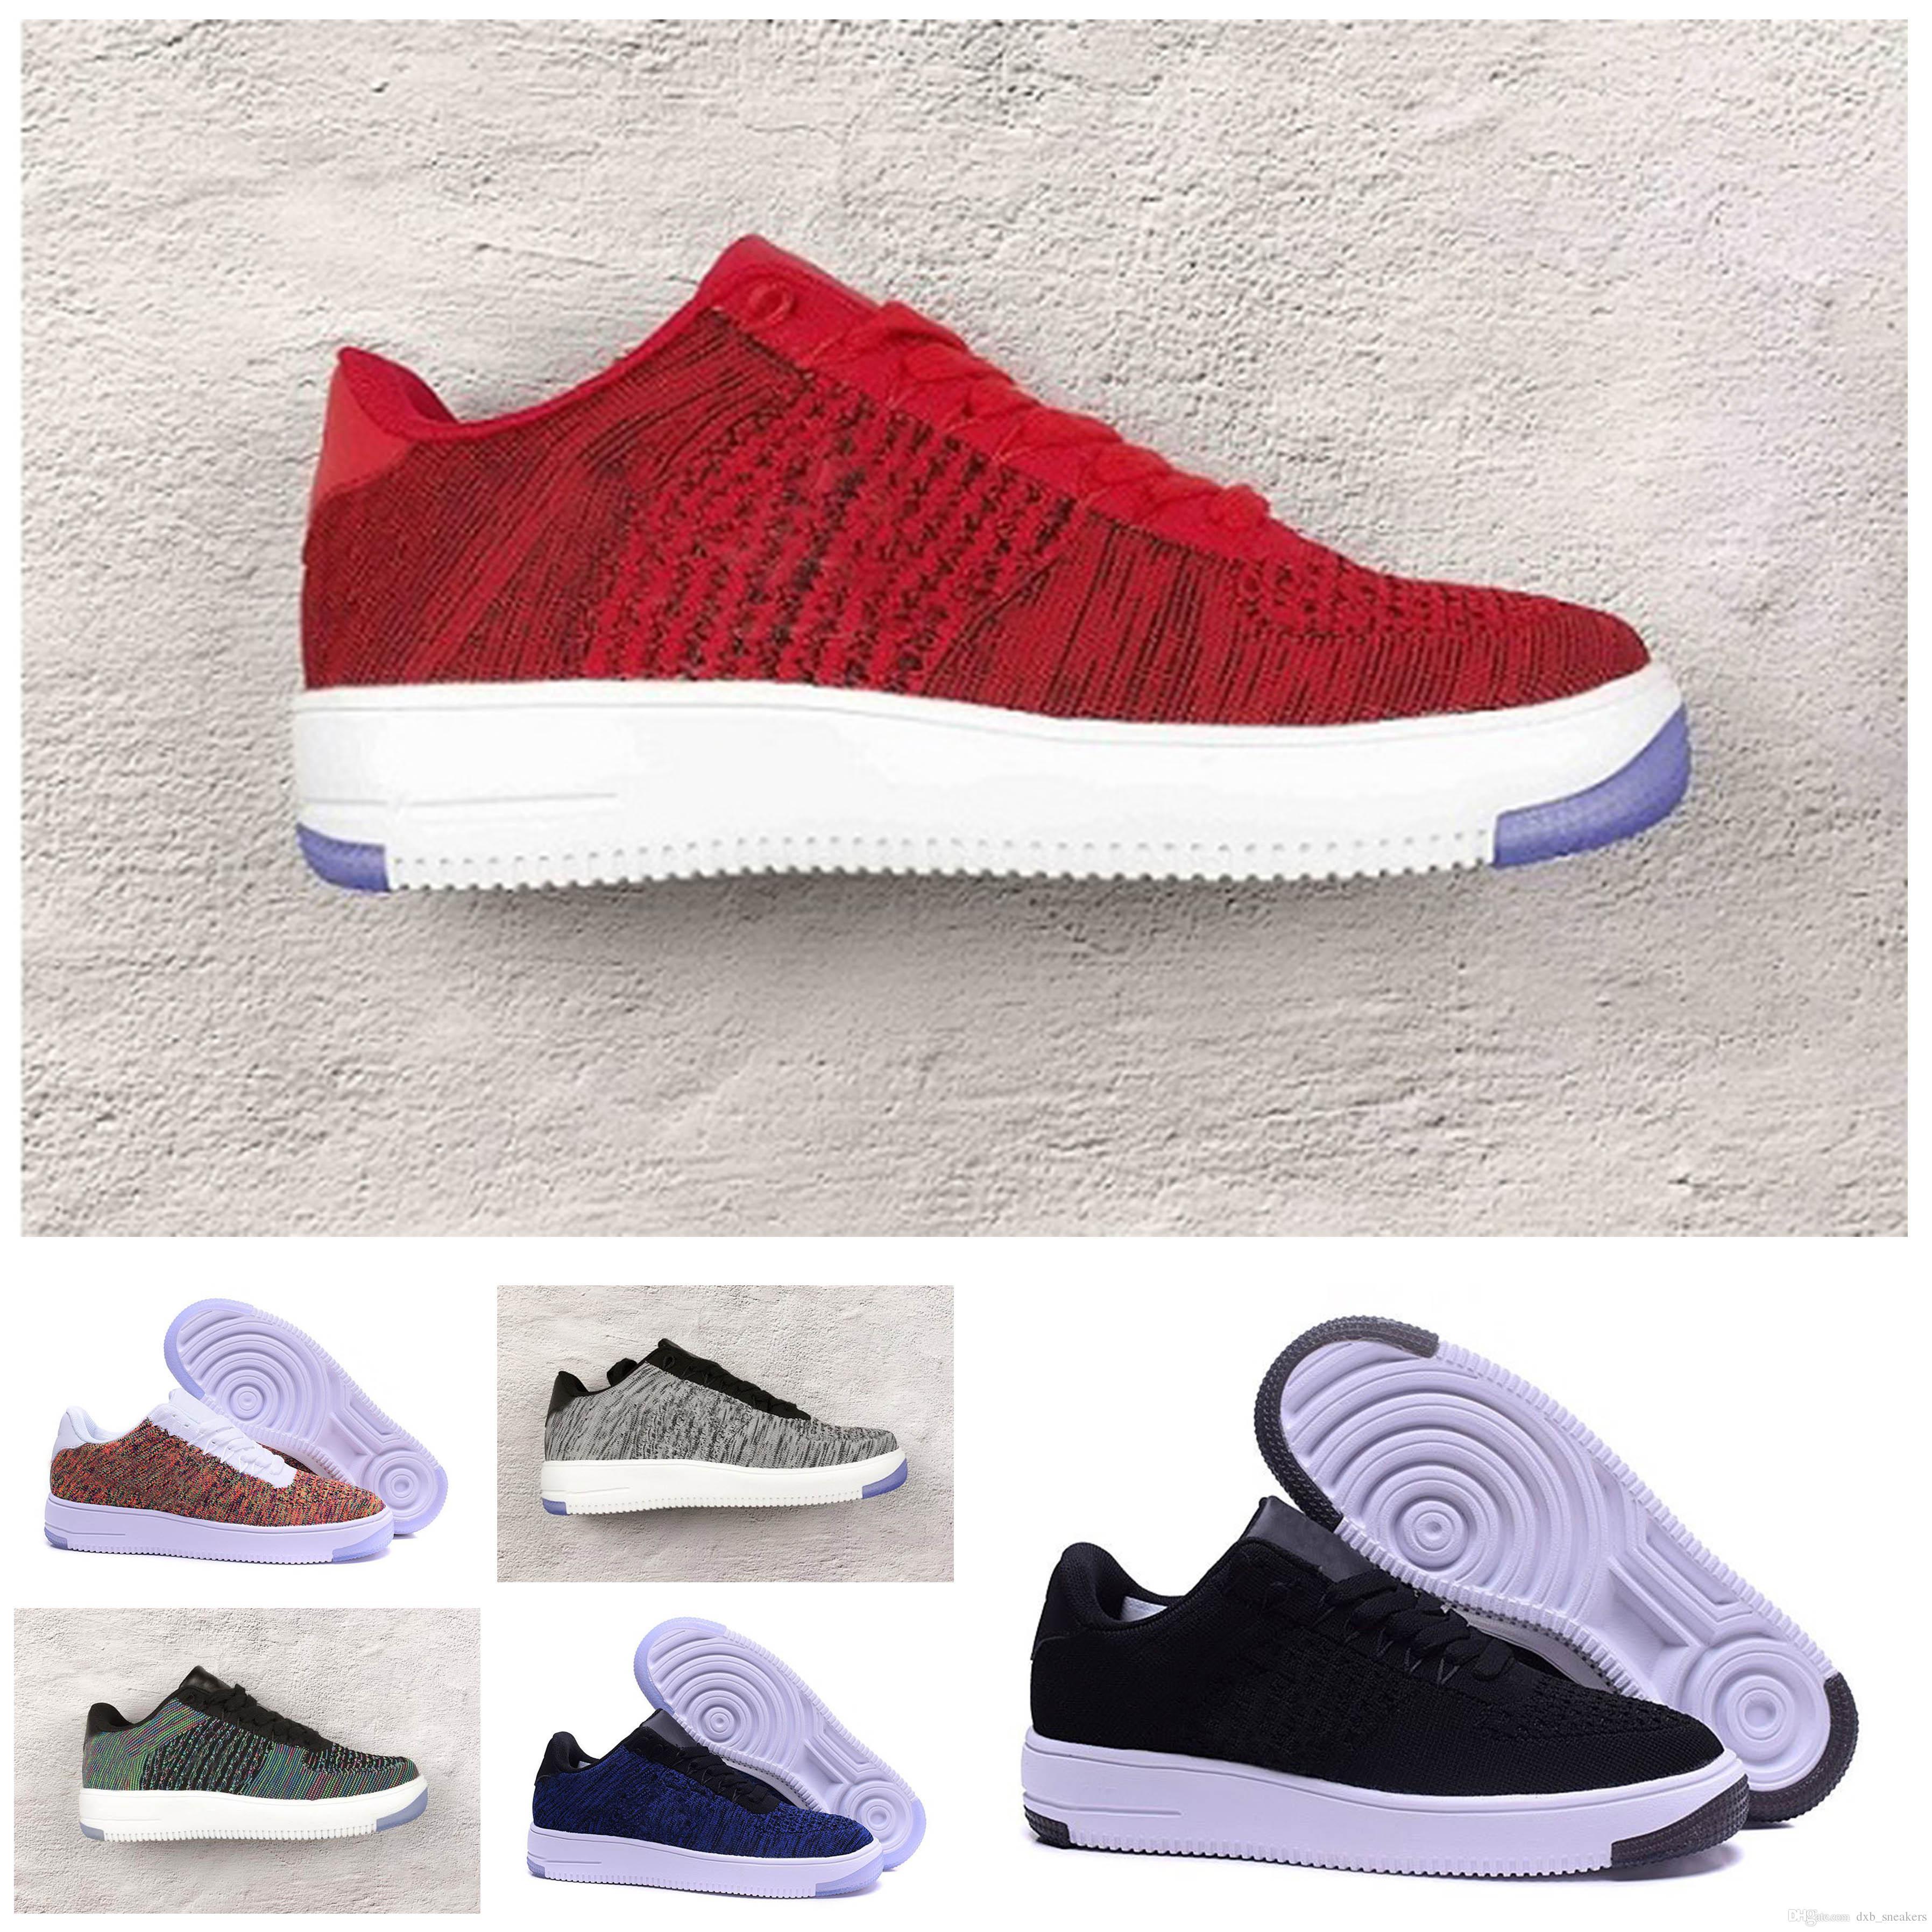 superior quality 09aaa a0453 Compre Nike Air Force 1 Flyknit AF1 Las Zapatillas De Running De Calidad  Superior Nuevos Hombres De La Moda Zapatos De Skate High Top Blanco Casual  Zapatos ...